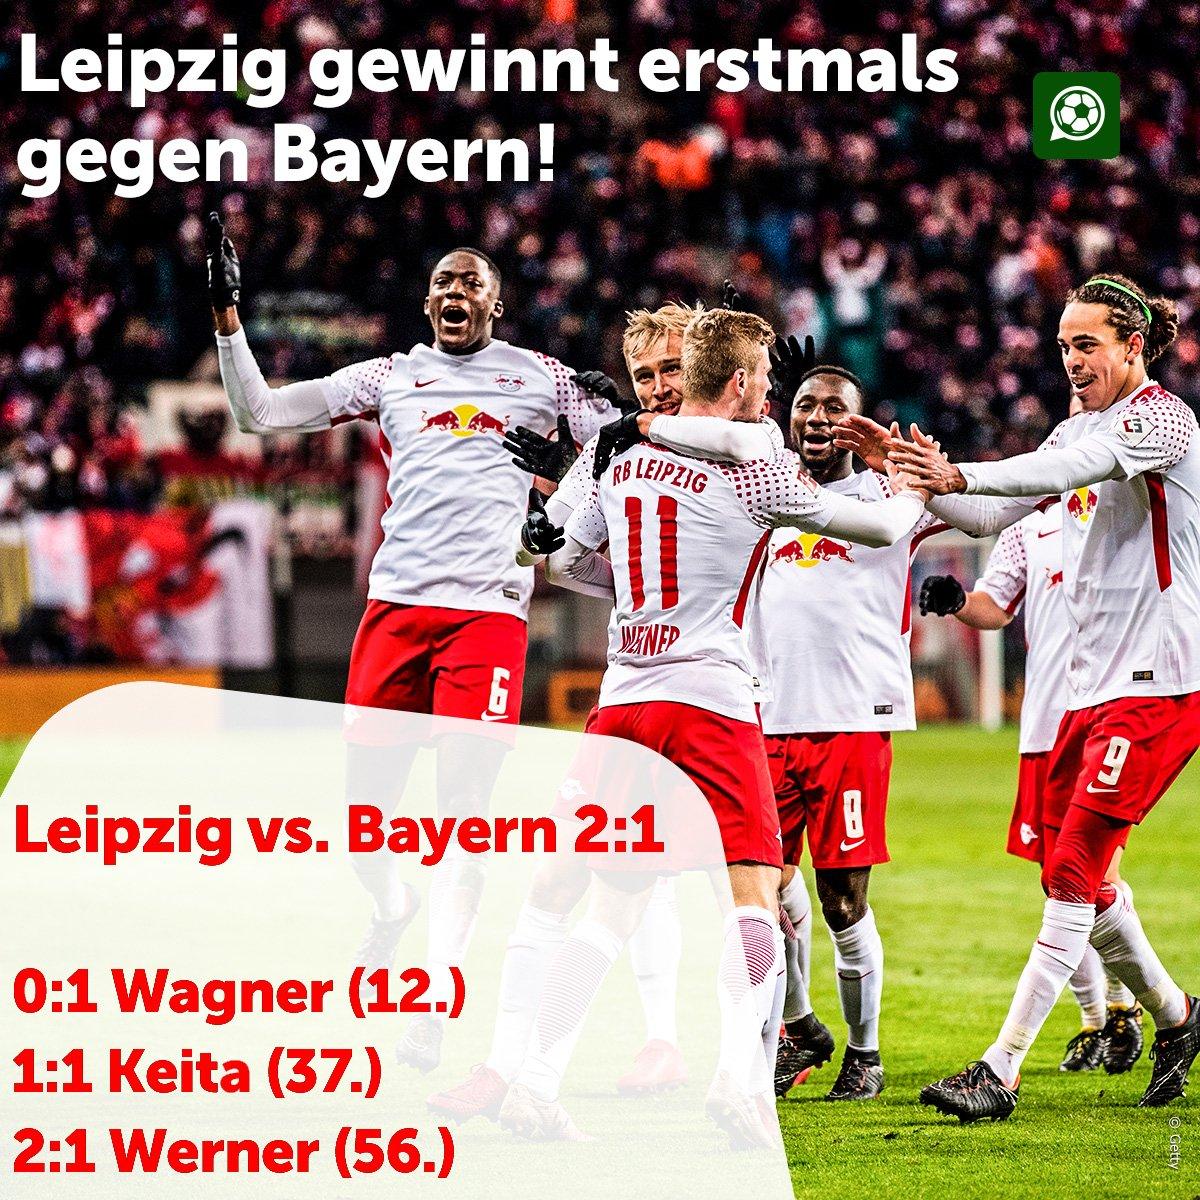 Die Bayern können doch noch verlieren! #...